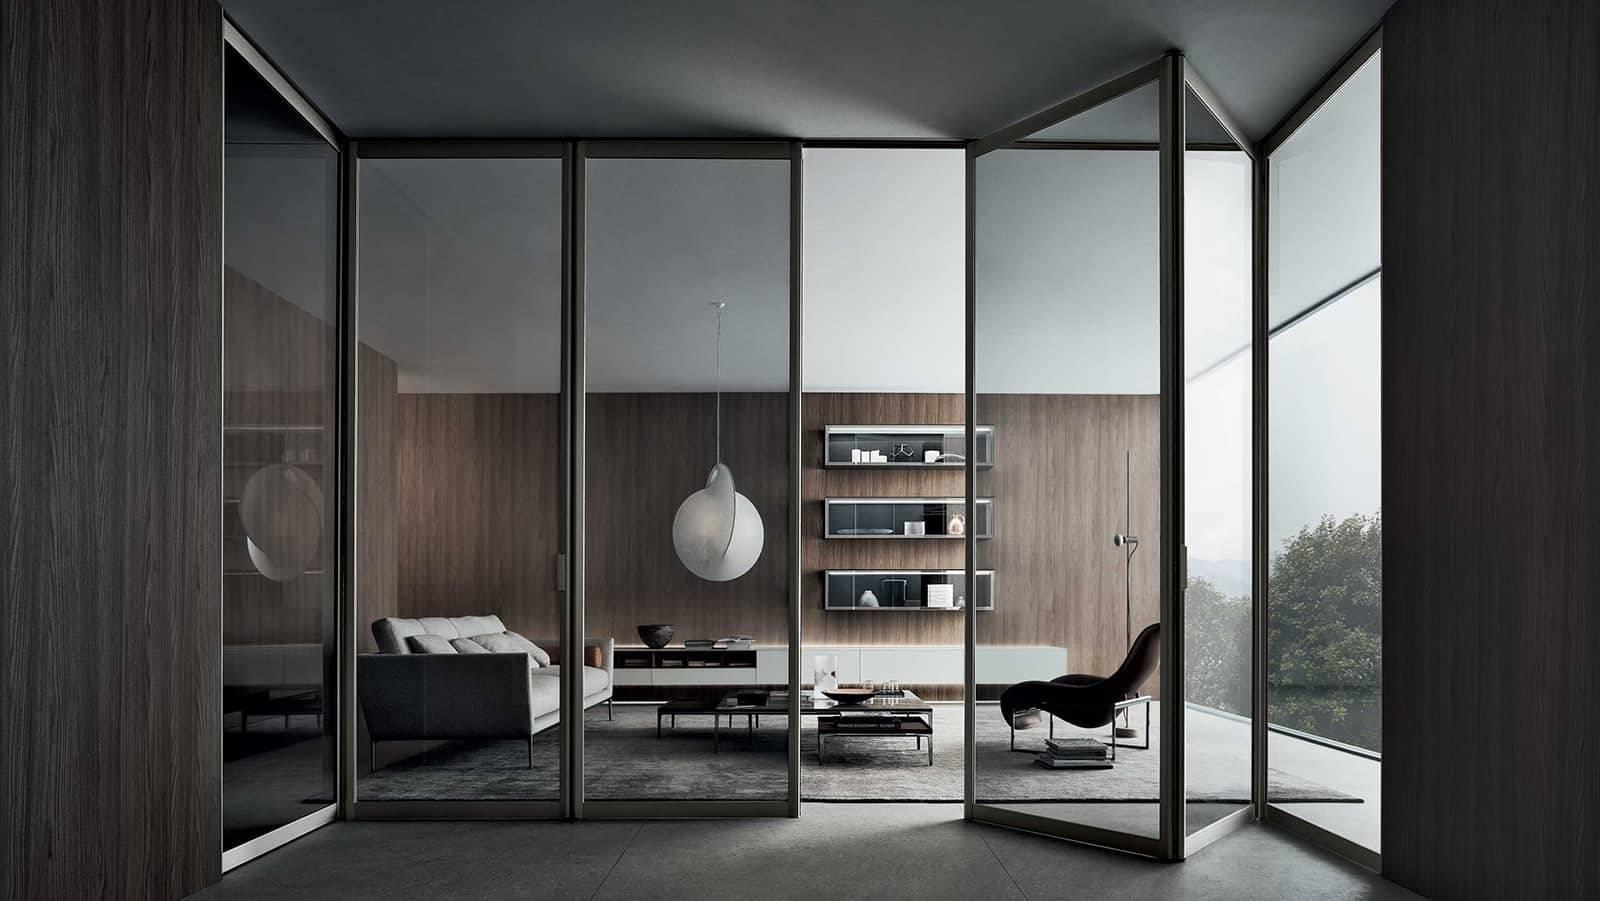 design vouwdeur met grijs transparant glas en bruin zwart aluminium kader